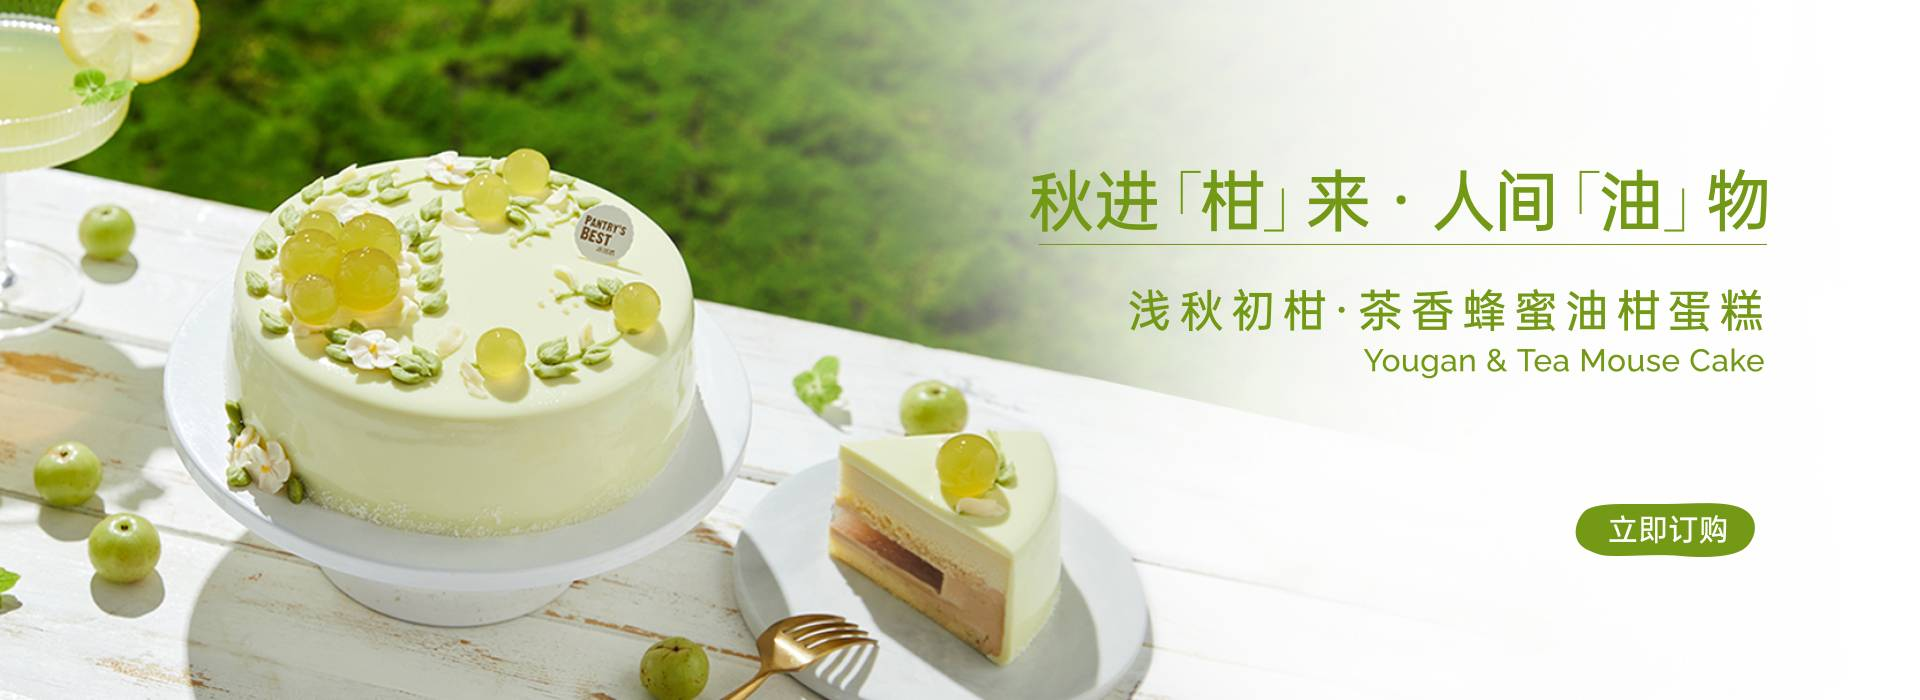 """""""浅秋初柑""""茶香蜂蜜油柑蛋糕"""